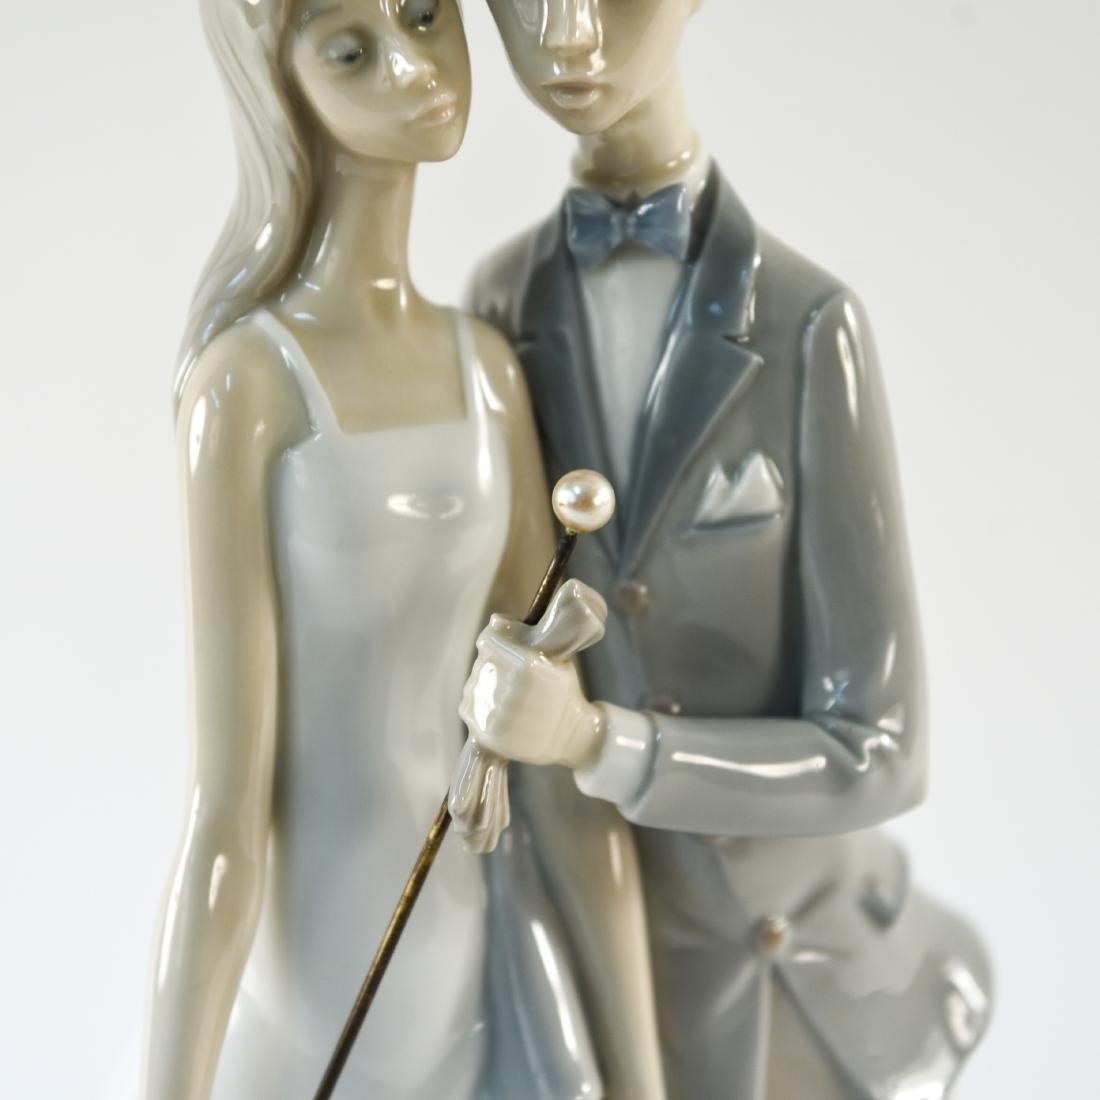 LLADRO PORCELAIN COUPLE STATUE - 3